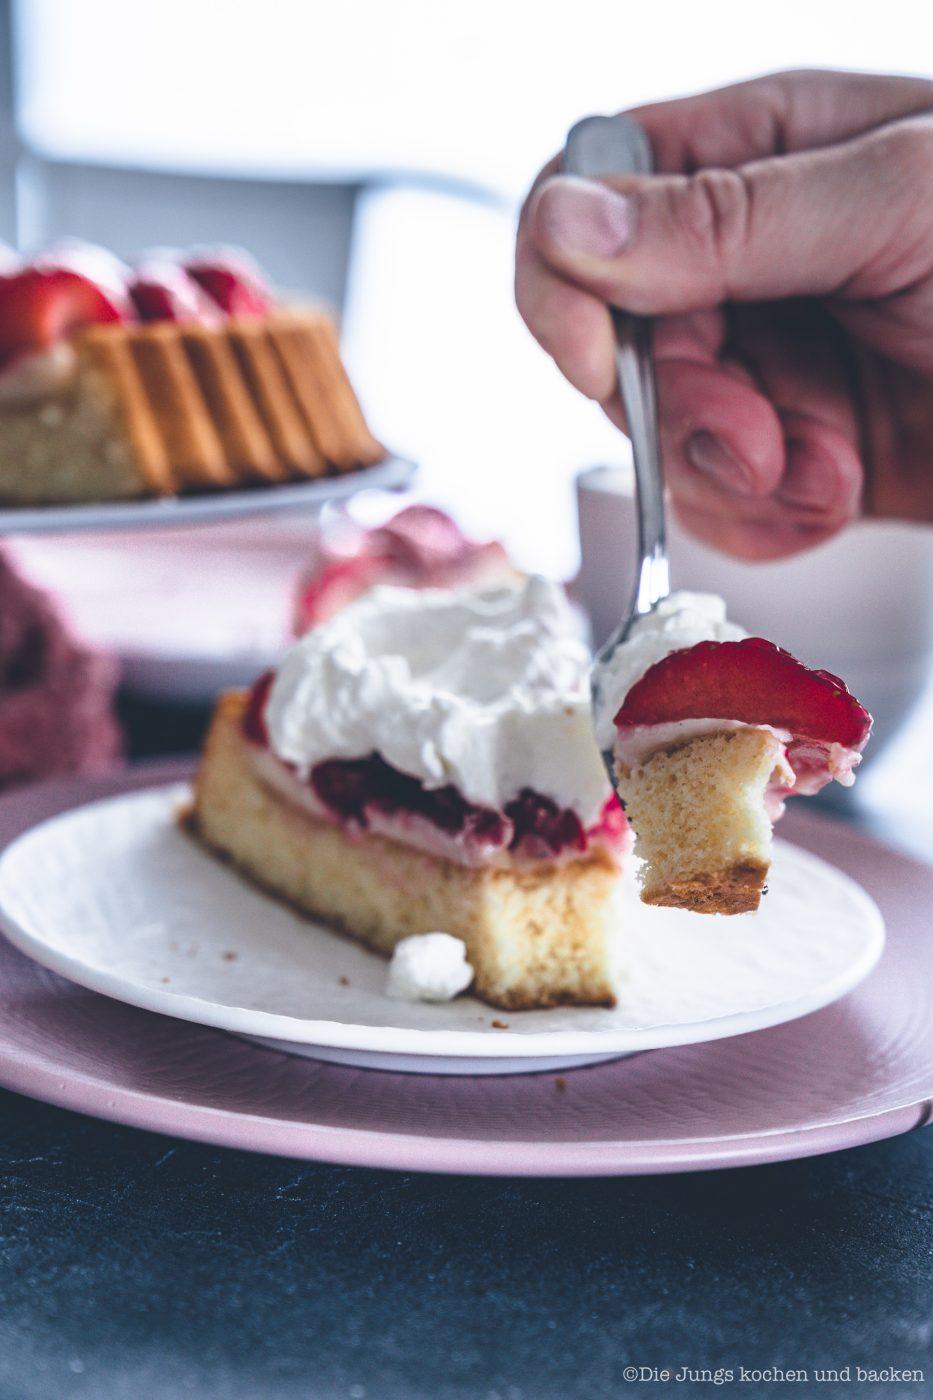 Erdbeerkuchen mit Pudding 13 | Heute kommen wir wieder mit einem schnellen Klassiker von zu Hause. Eine ganz klassischee Erdbeerkuchen mit Pudding. Ein simpler Obstboden mit etwas Puddingcreme und frischen Erdbeeren drauf. Das ist auch wieder so etwas, dass Oma Lore früher immer schnell mal so aus dem Nichts gezaubert hat. Immer dann, wenn entweder unangekündigter Besuch vor der Türe stand oder sie die Erdbeeren aus dem Garten verarbeiten wollte, damit sie sich nicht zu lange im Kühlschrank stapelten.